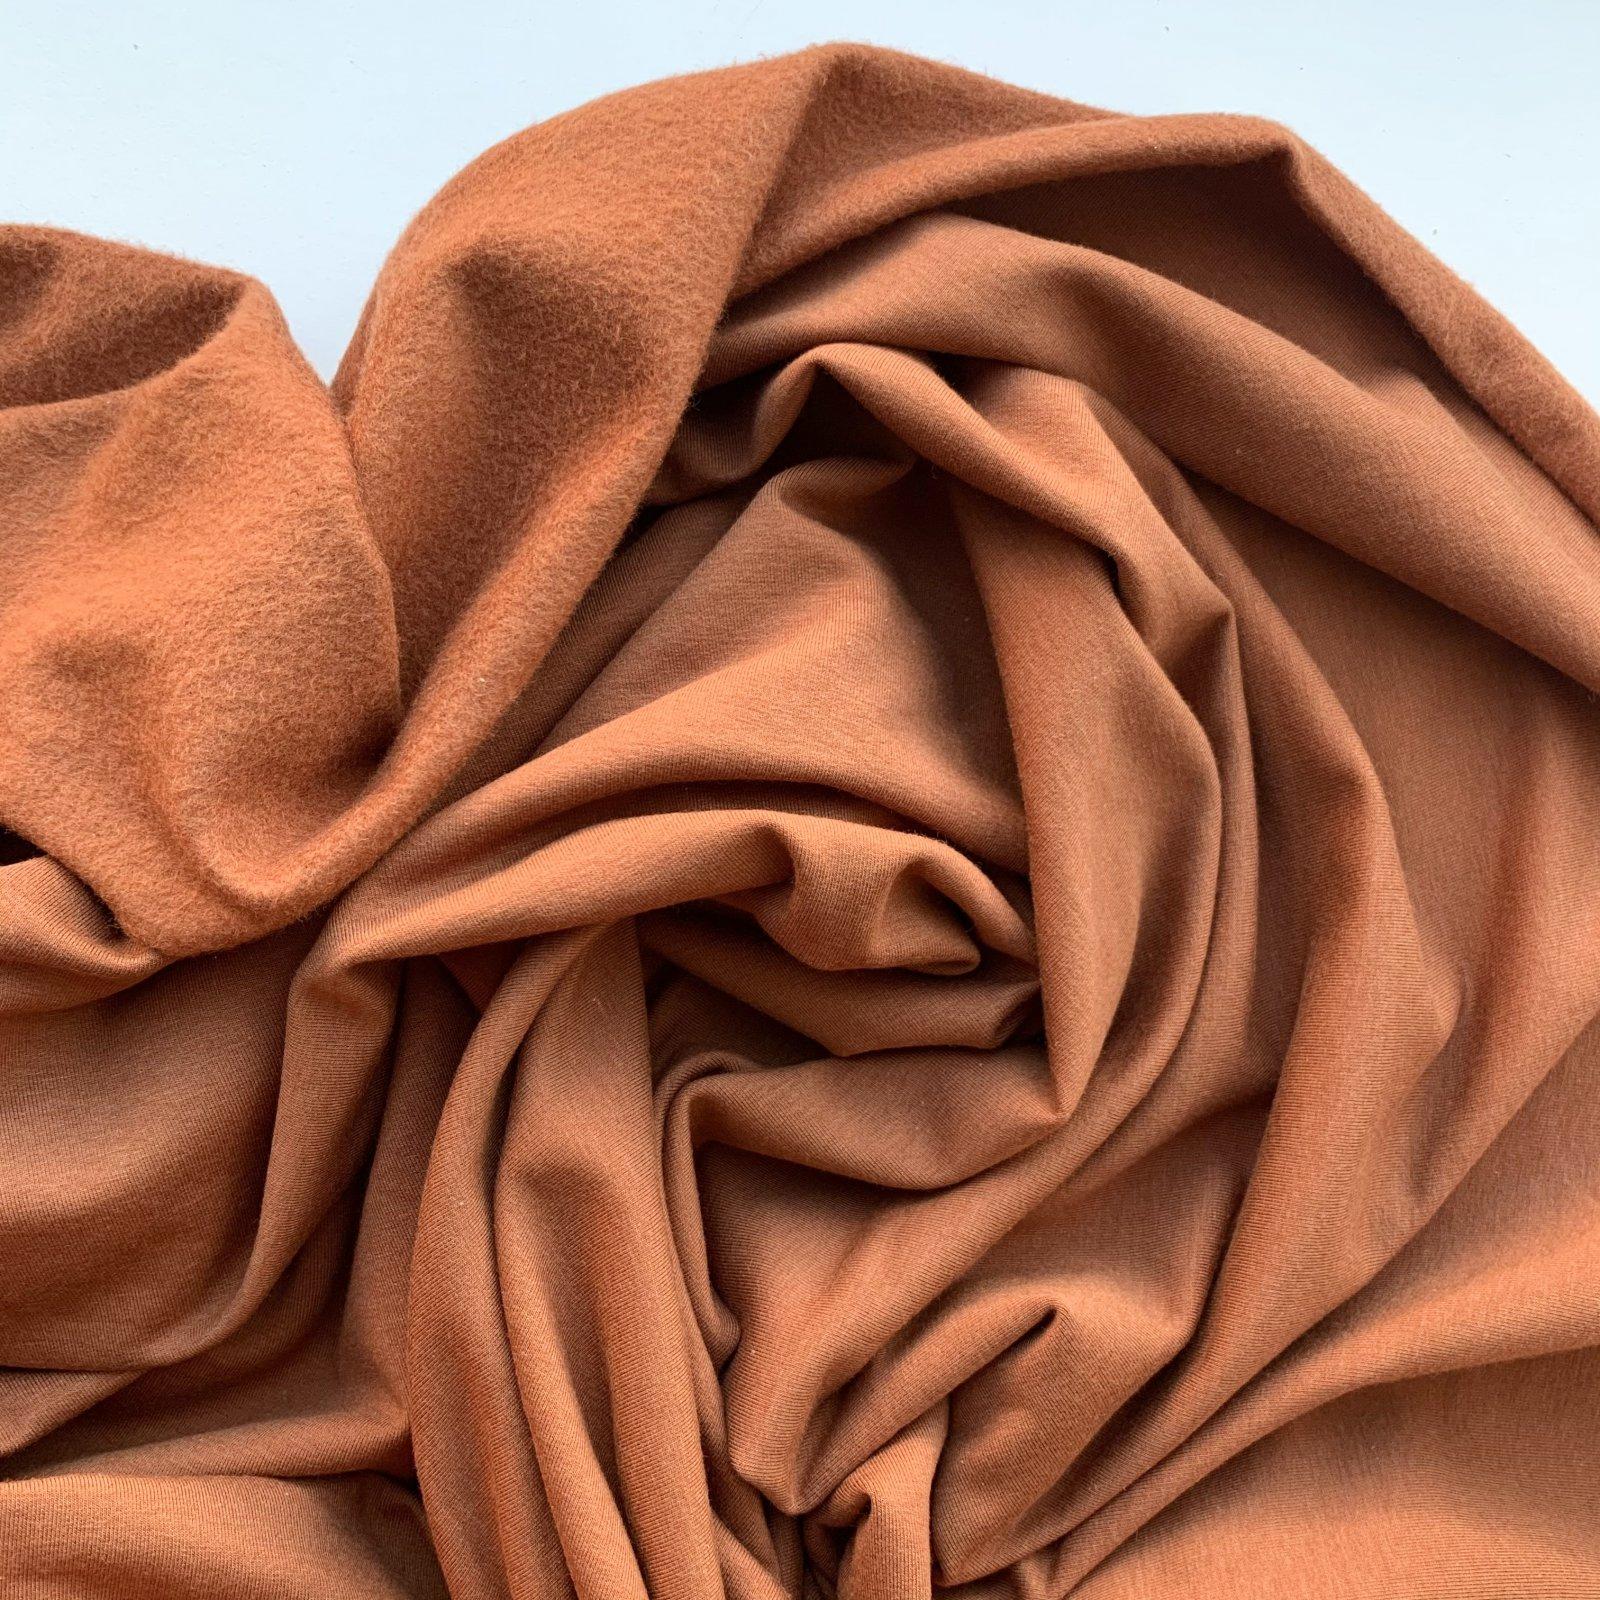 Oeko Tex Certified Bamboo Cotton Stretch Sweatshirt Fleece - Rust 60